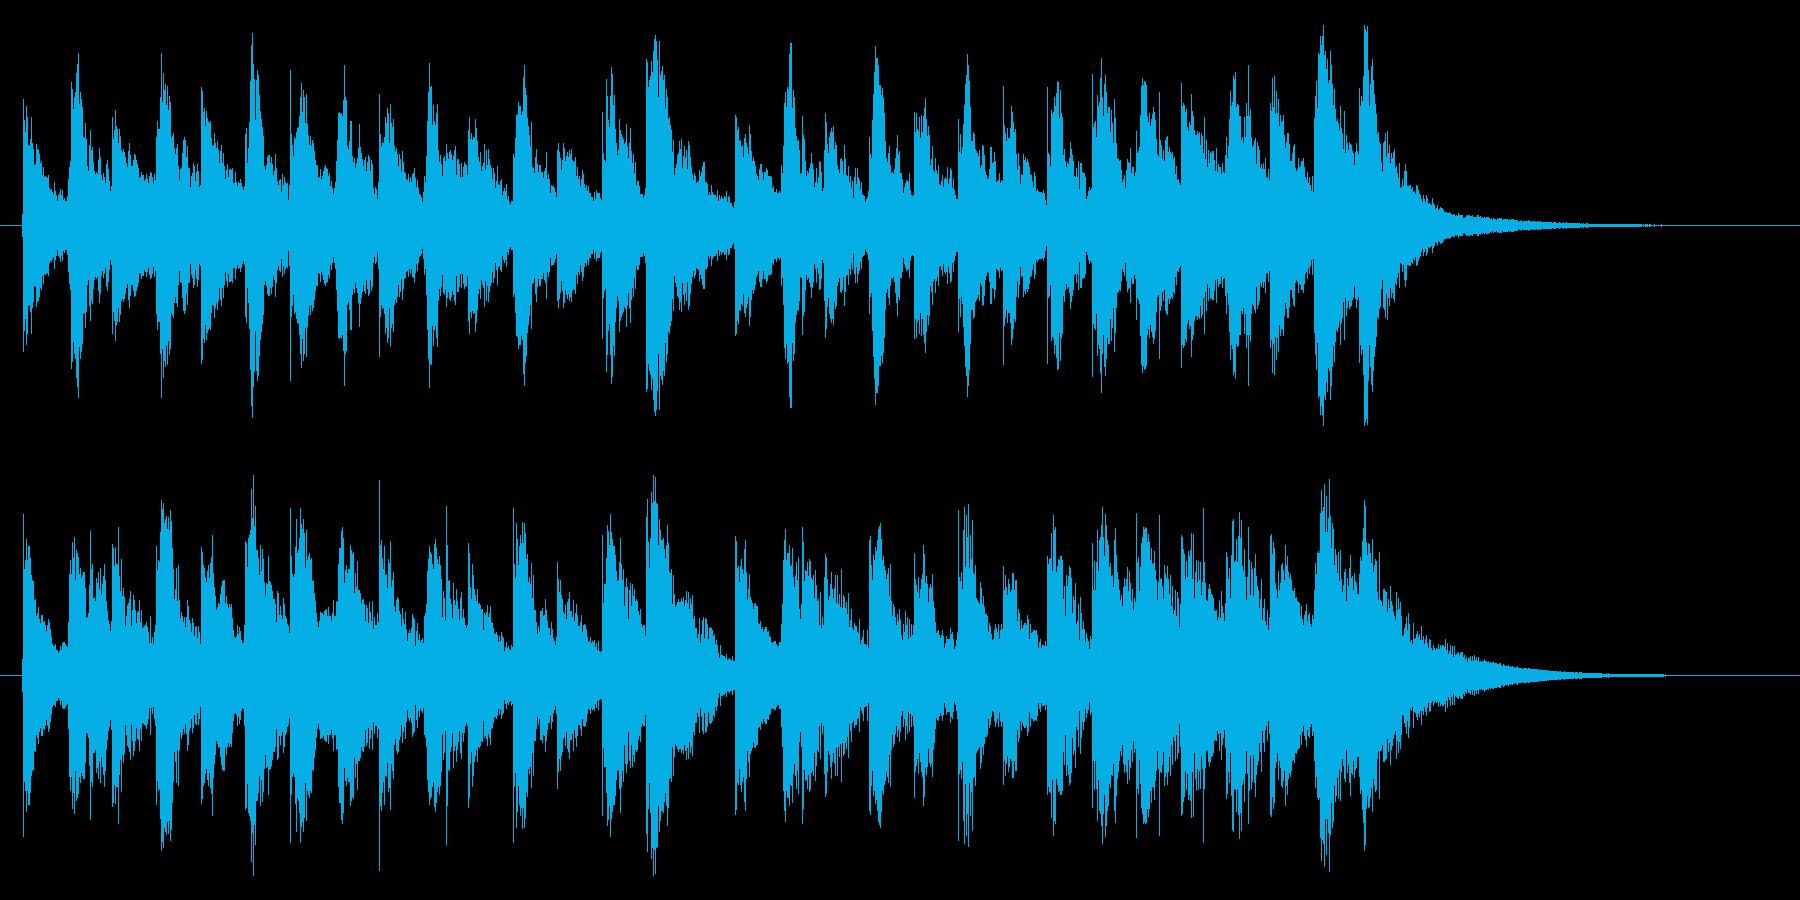 楽しい、ほのぼの、軽快なオーケストラロゴの再生済みの波形